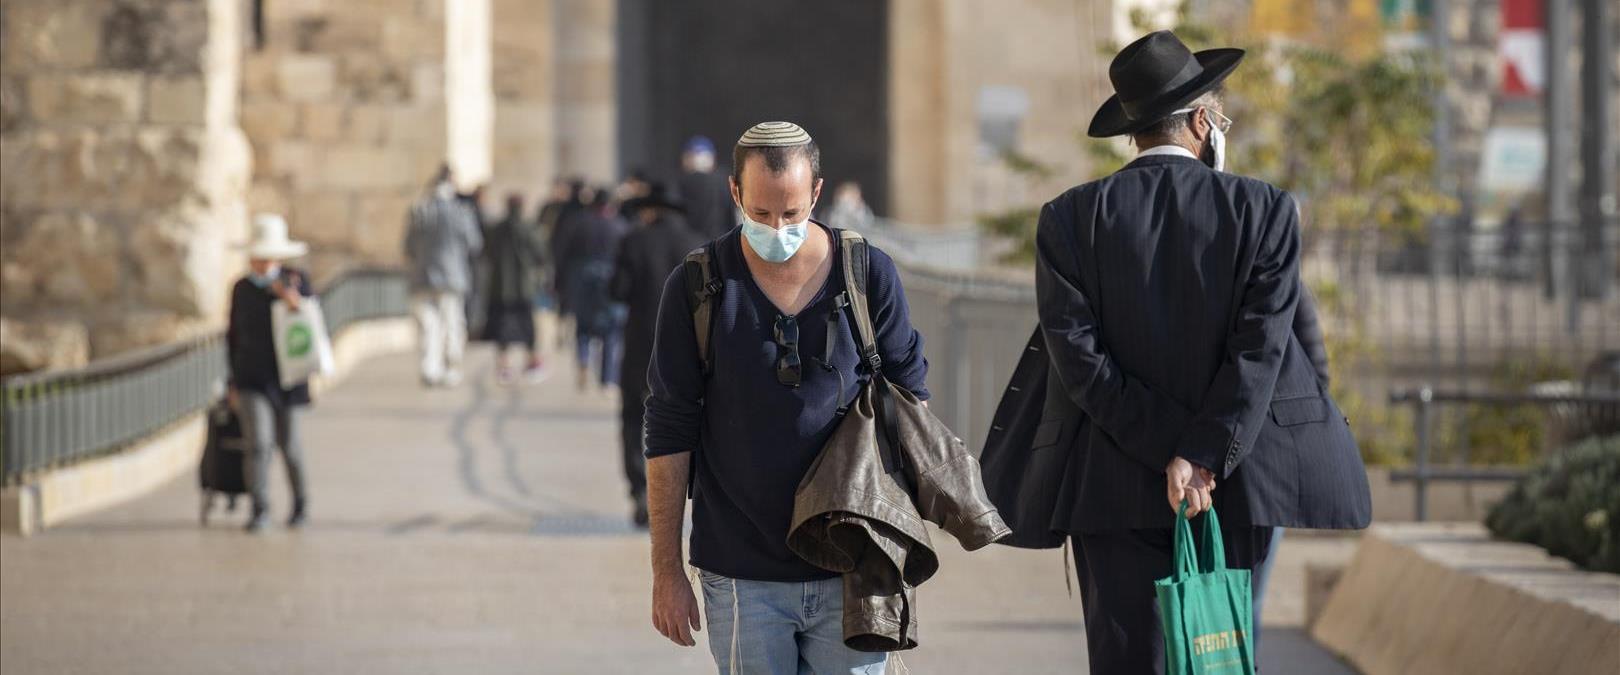 ירושלים, דצמבר 2020. למצולמים אין קשר לכתבה